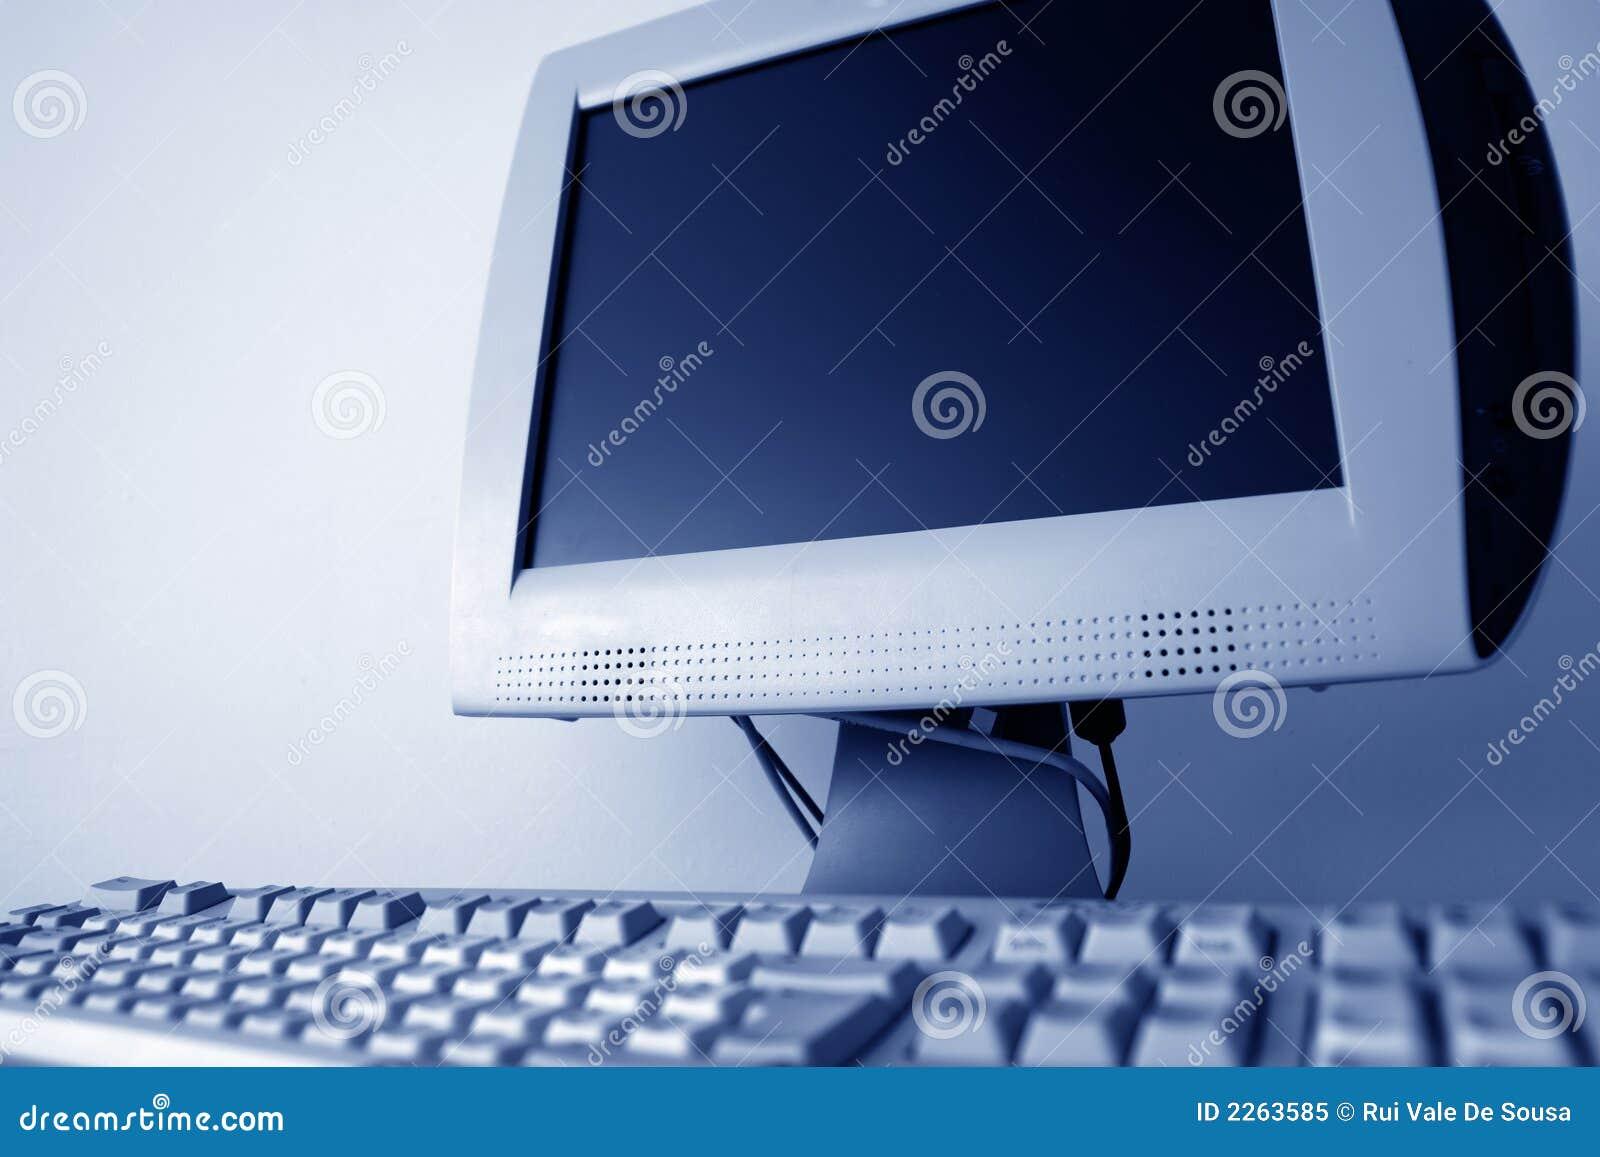 Komputer.